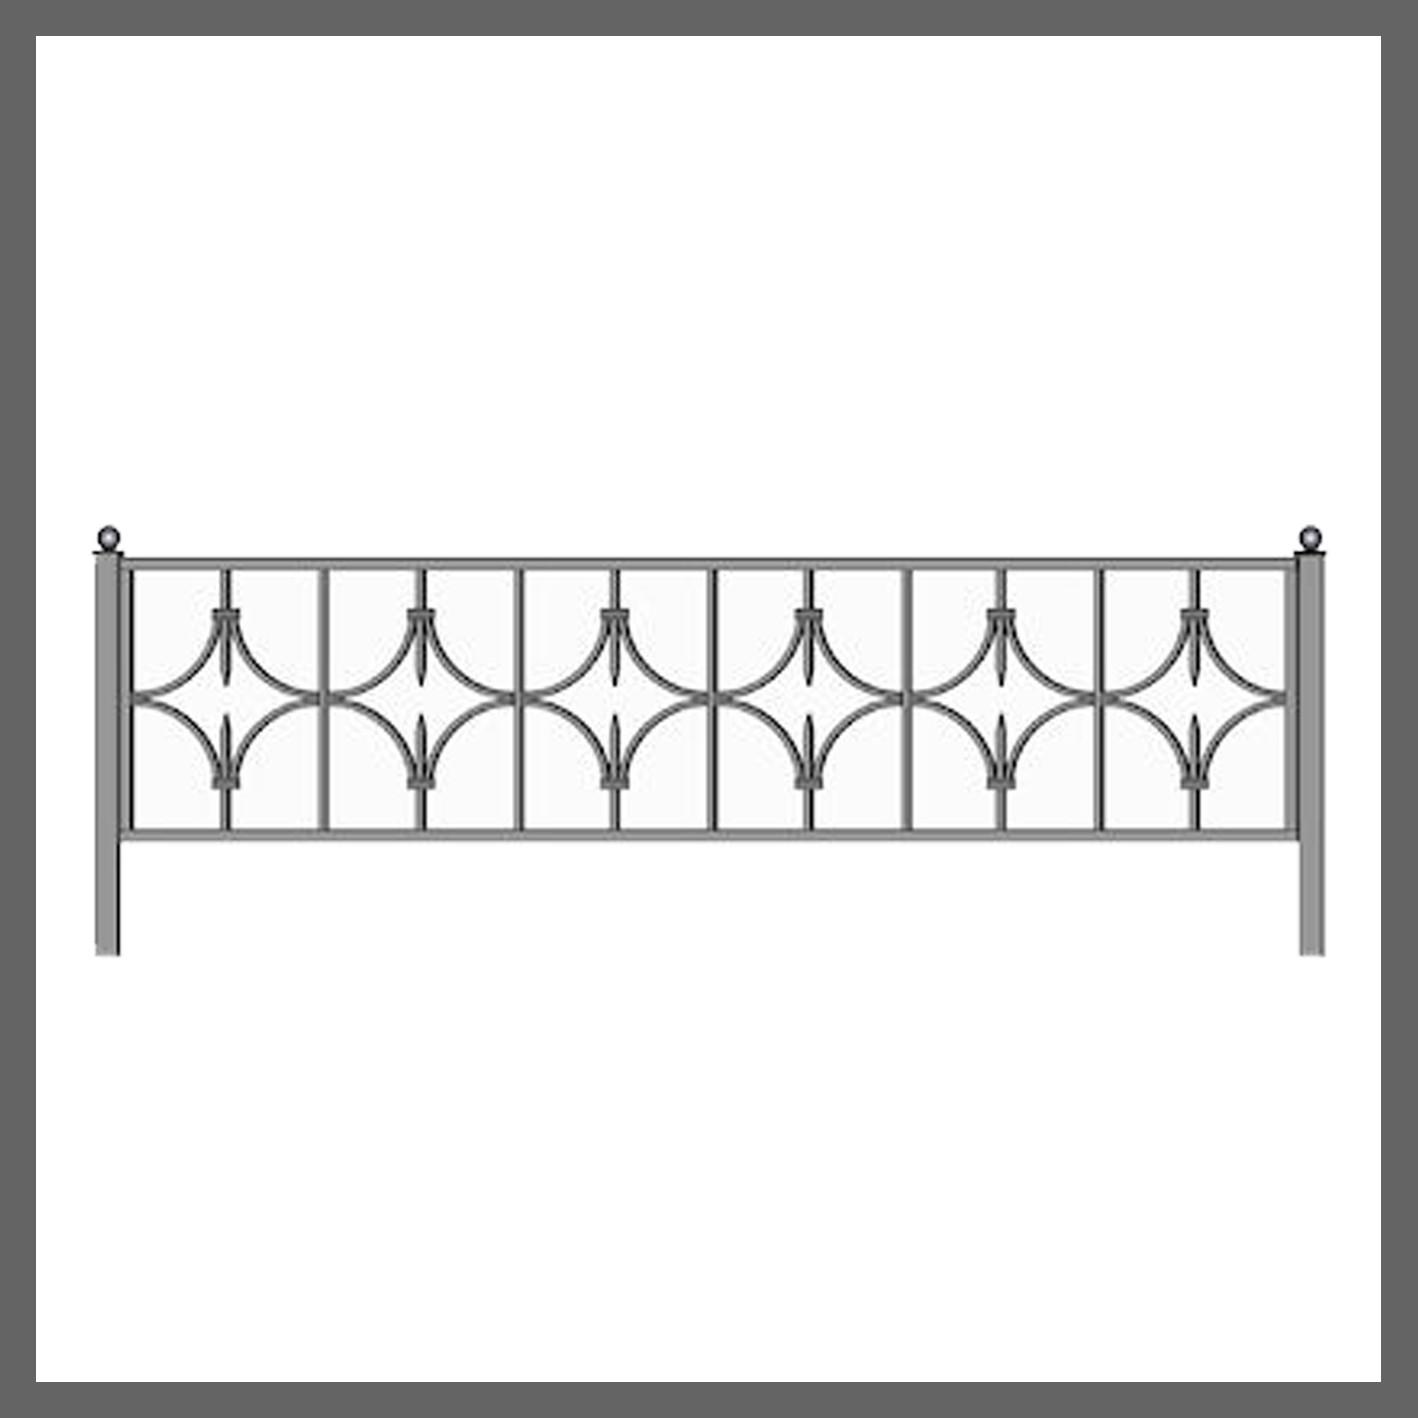 Эскиз ограды на кладбище 34